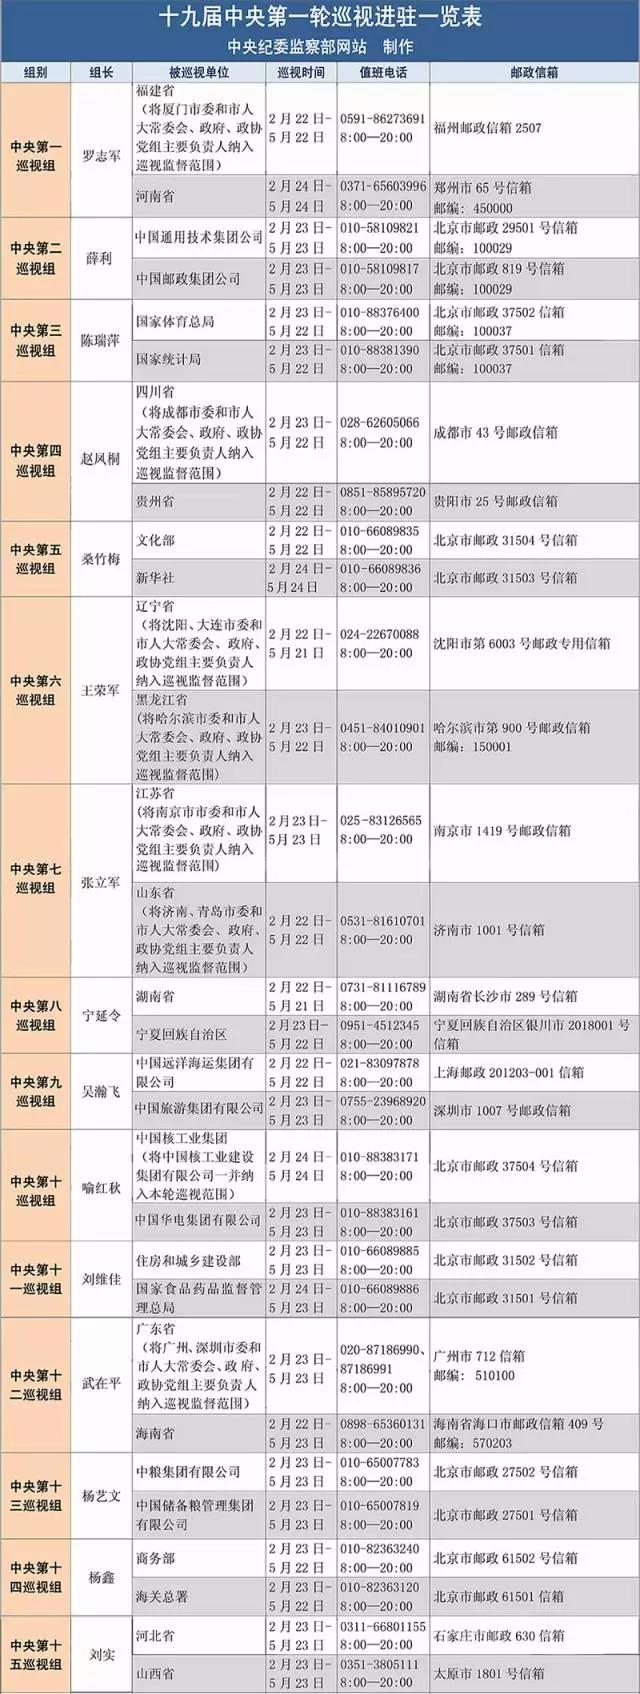 十九届中央第一轮巡视进驻一览表(中央纪委监察部网站)